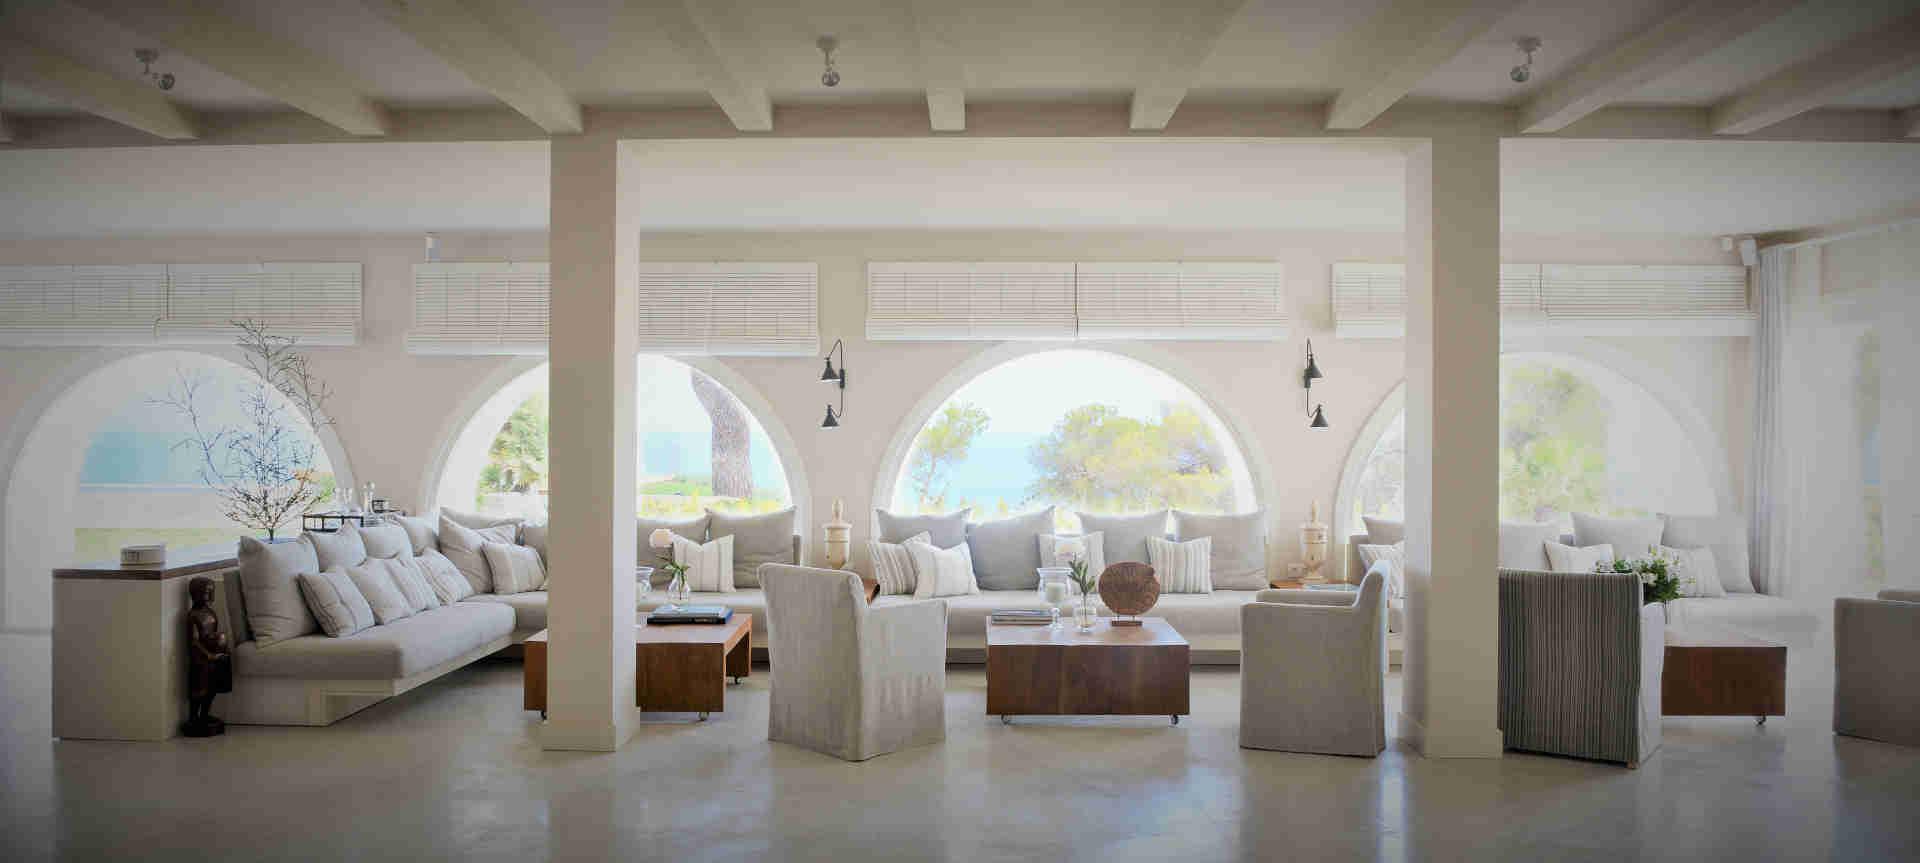 Villa Sitges Casa del Mar: interior spaces